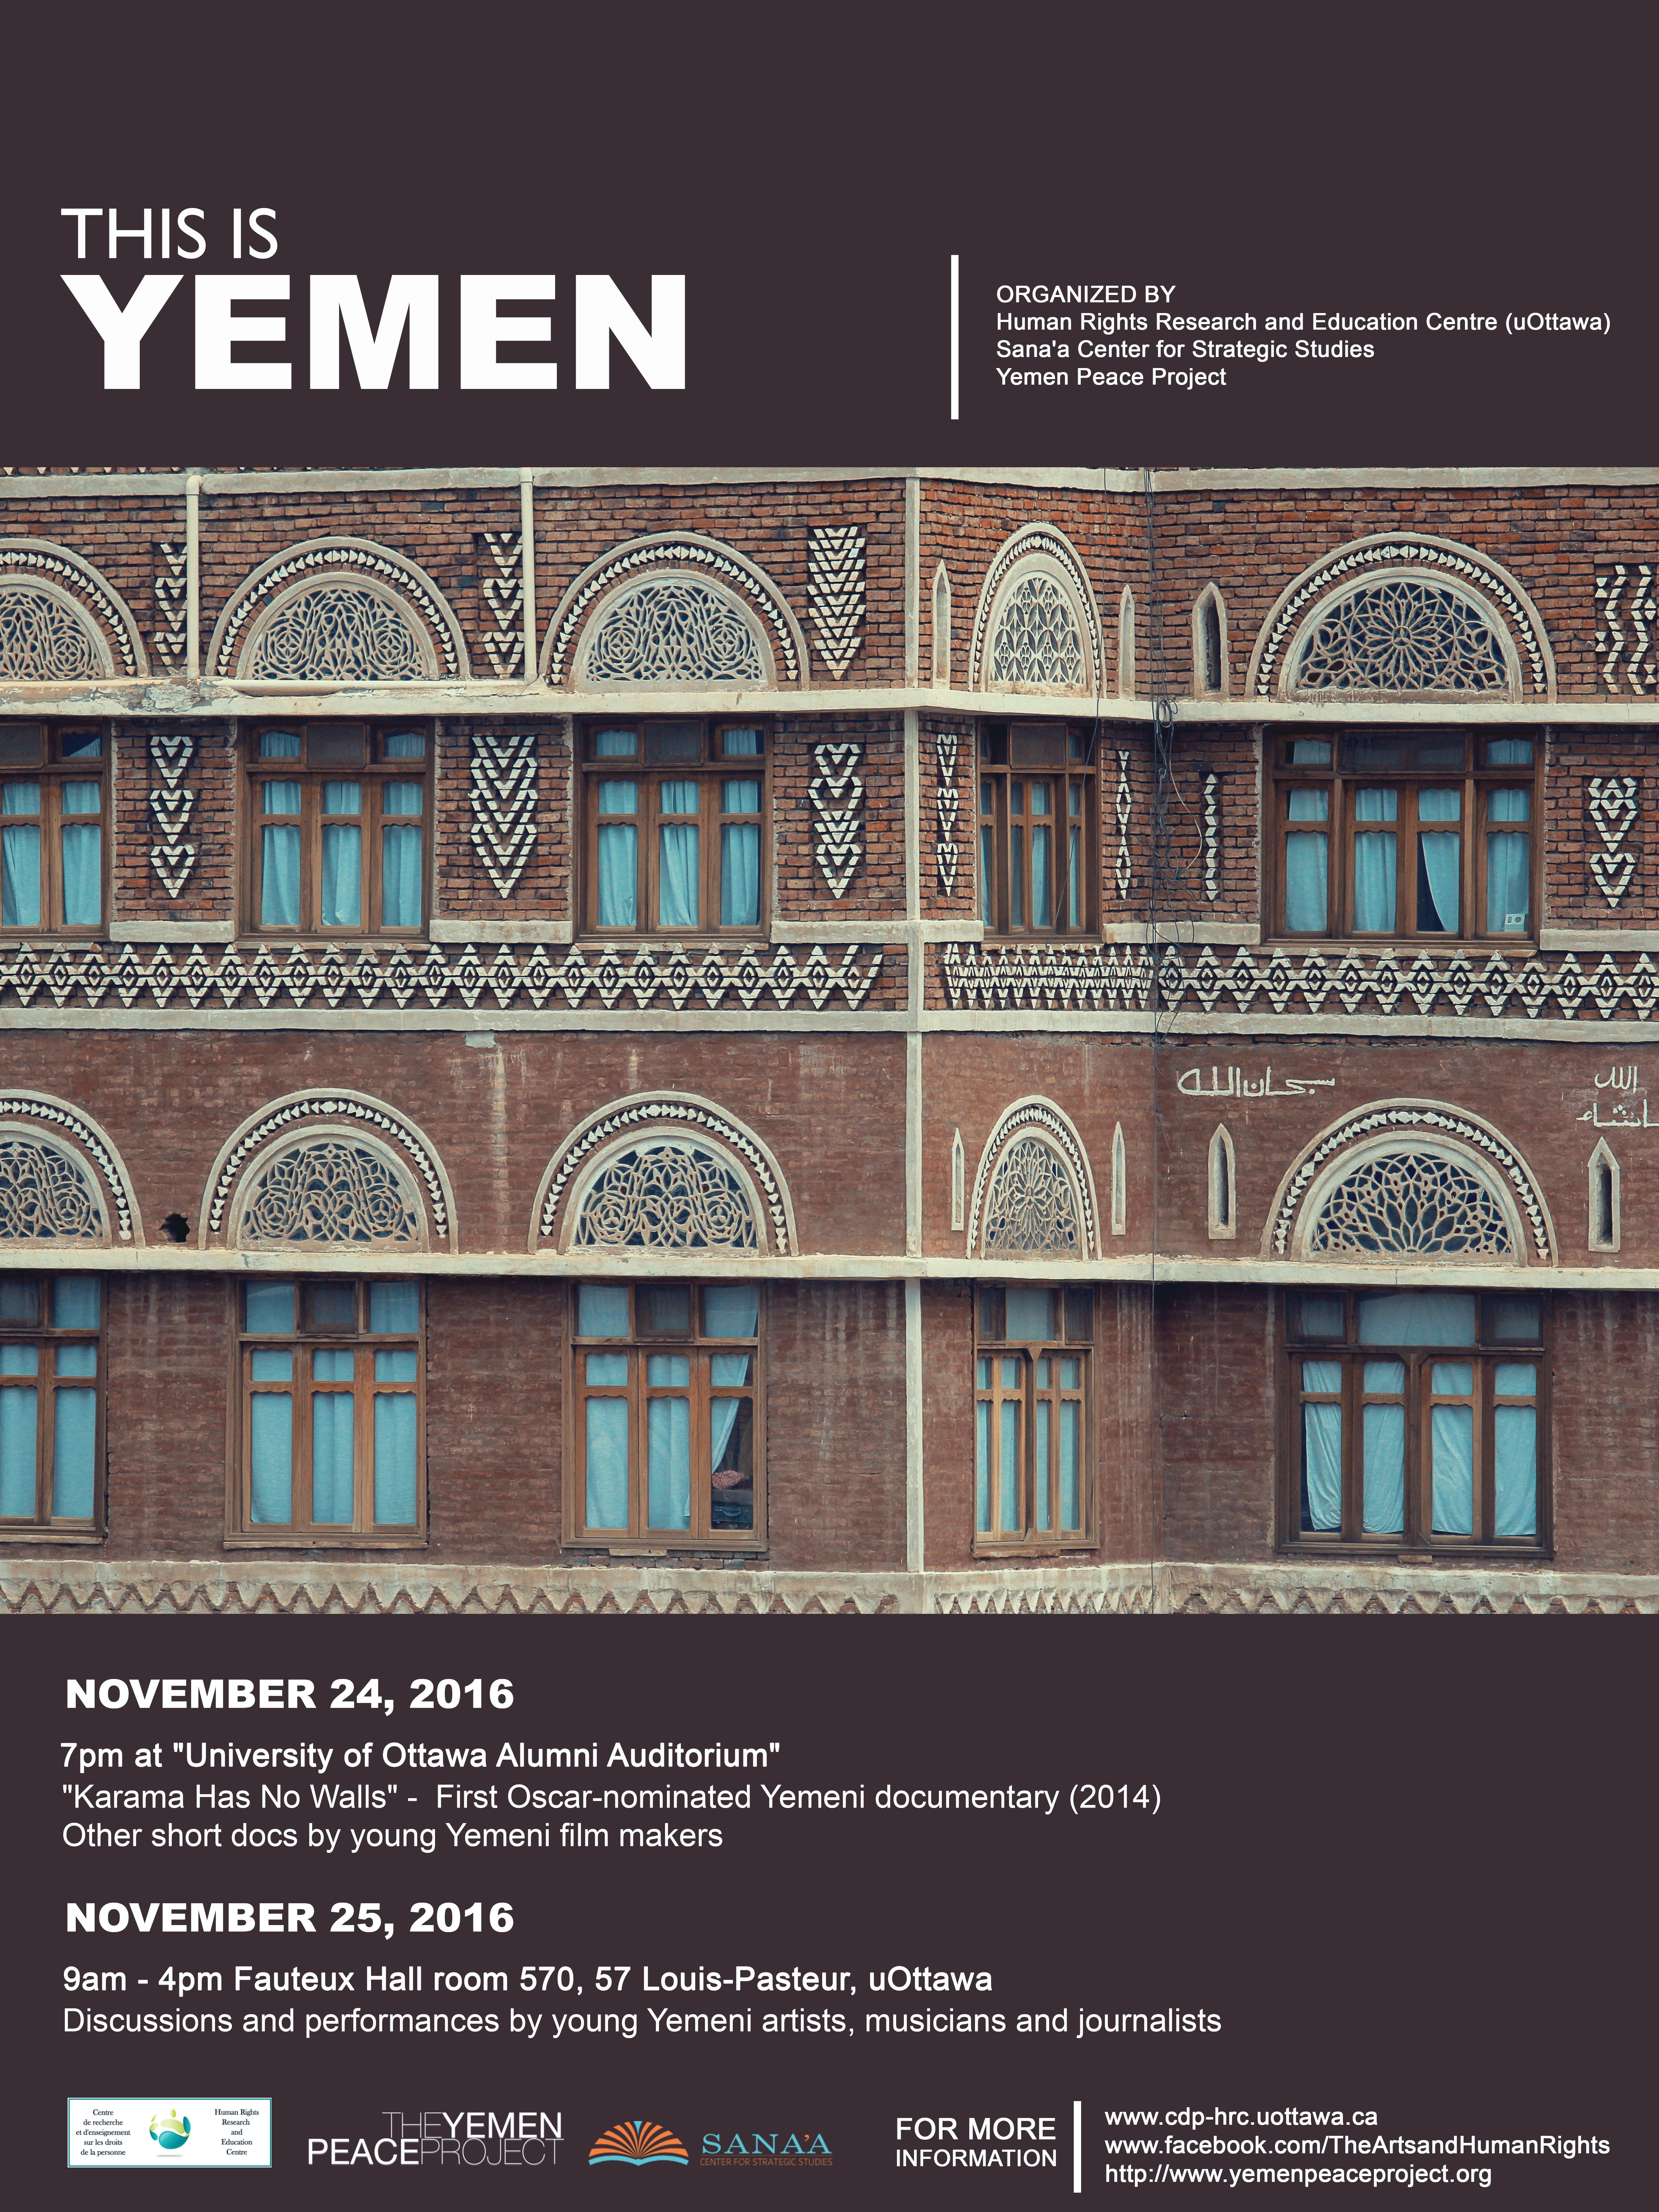 This Is Yemen 2016 - Événement | Event